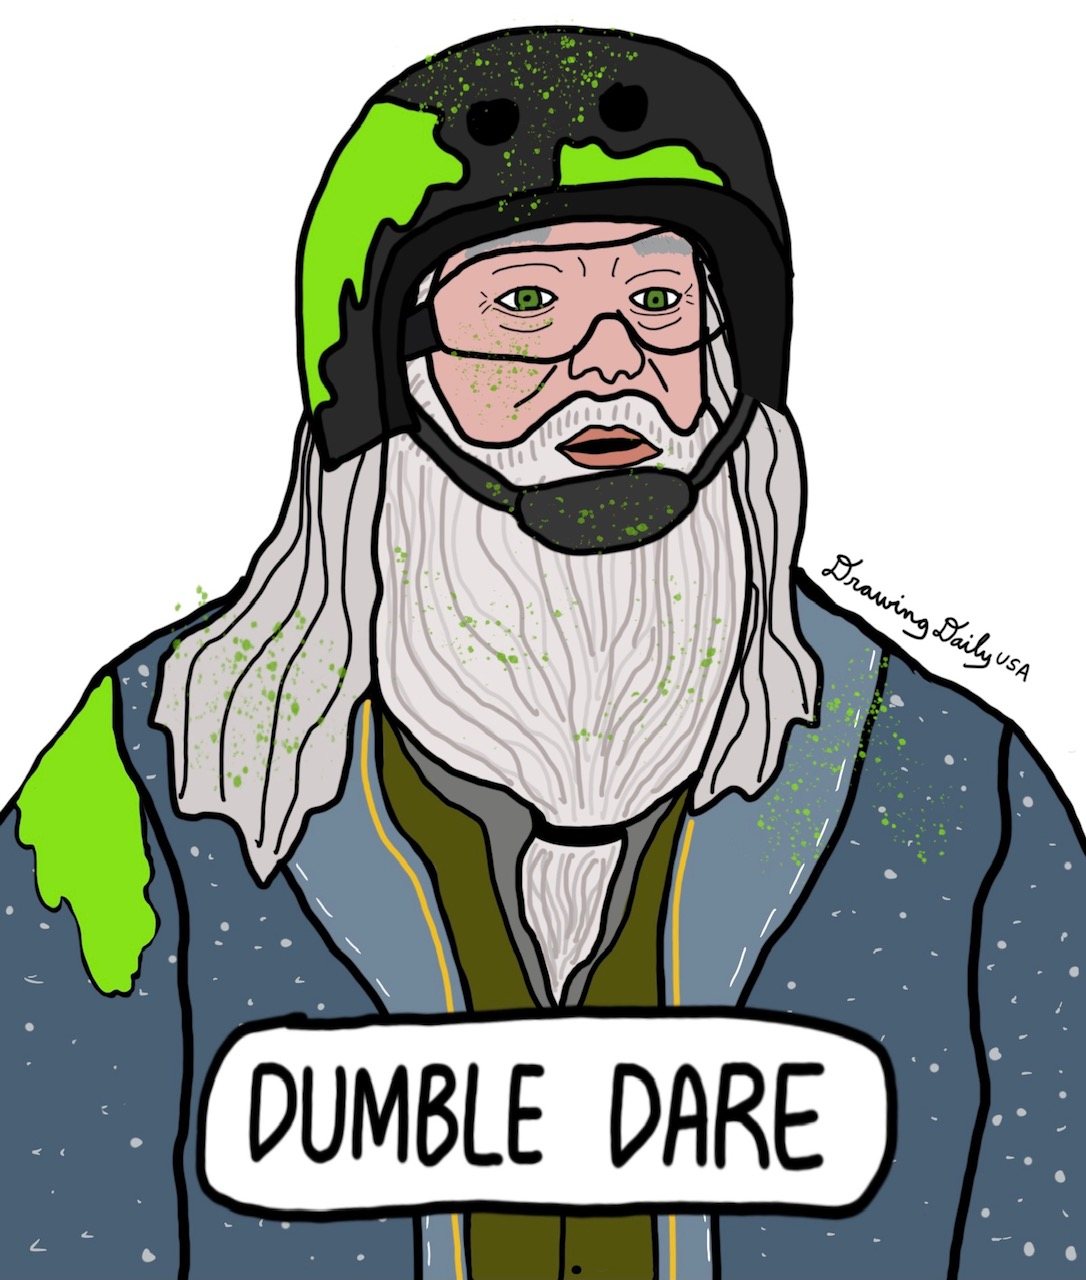 Dumble Dare